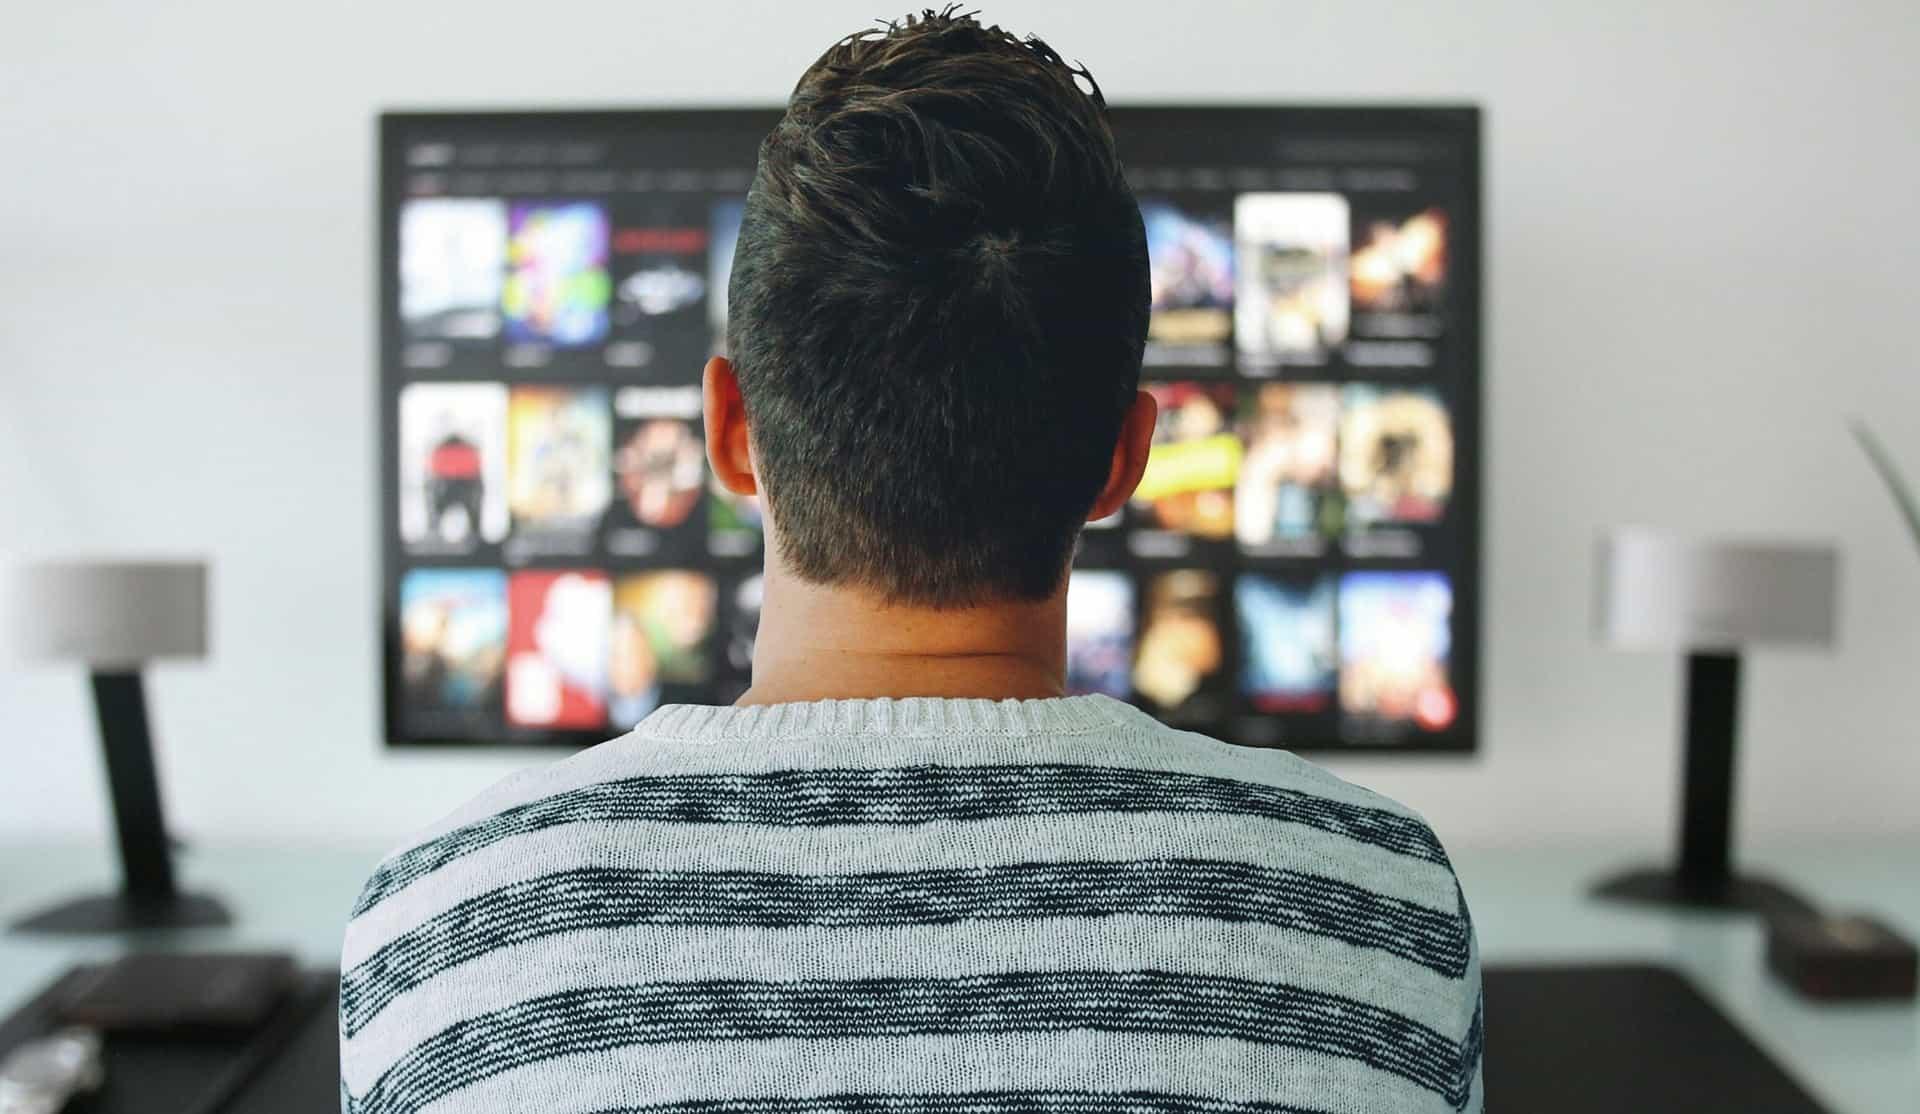 Imagem de um homem de costas assistindo TV.